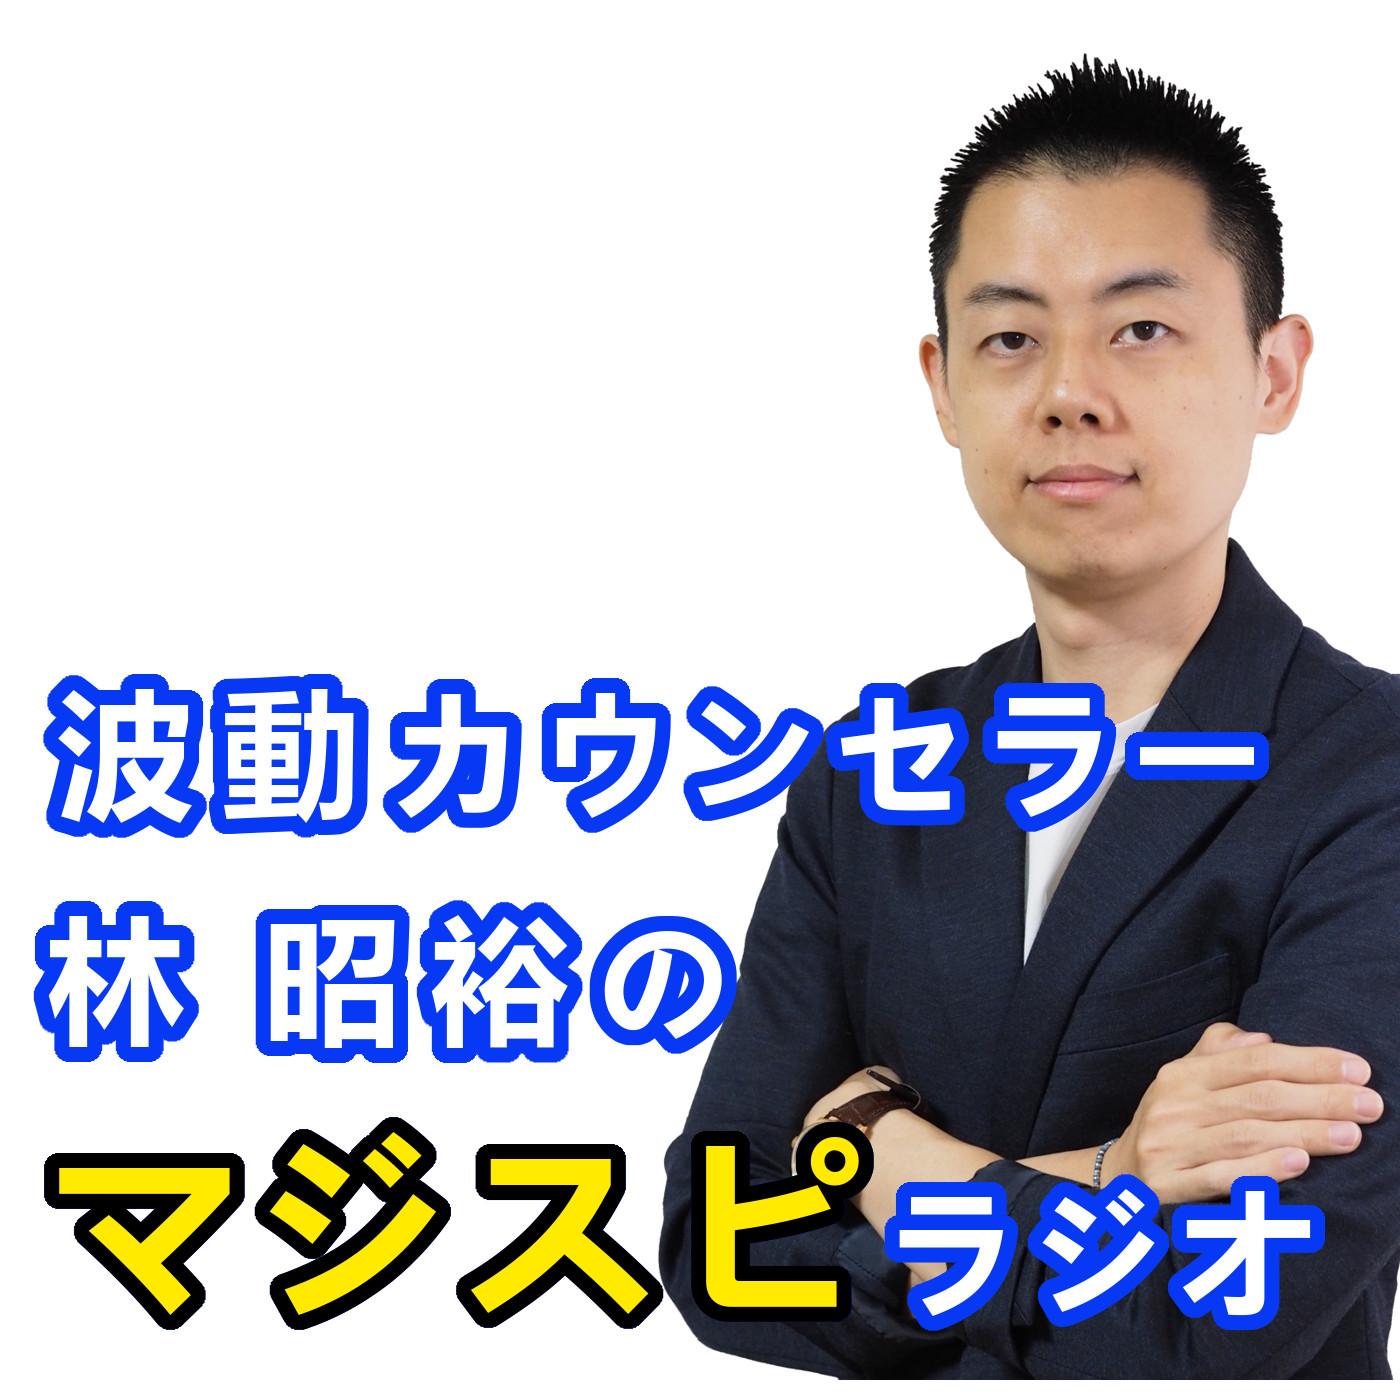 マジスピラジオ「脱・お花畑スピリチュアル」を語る